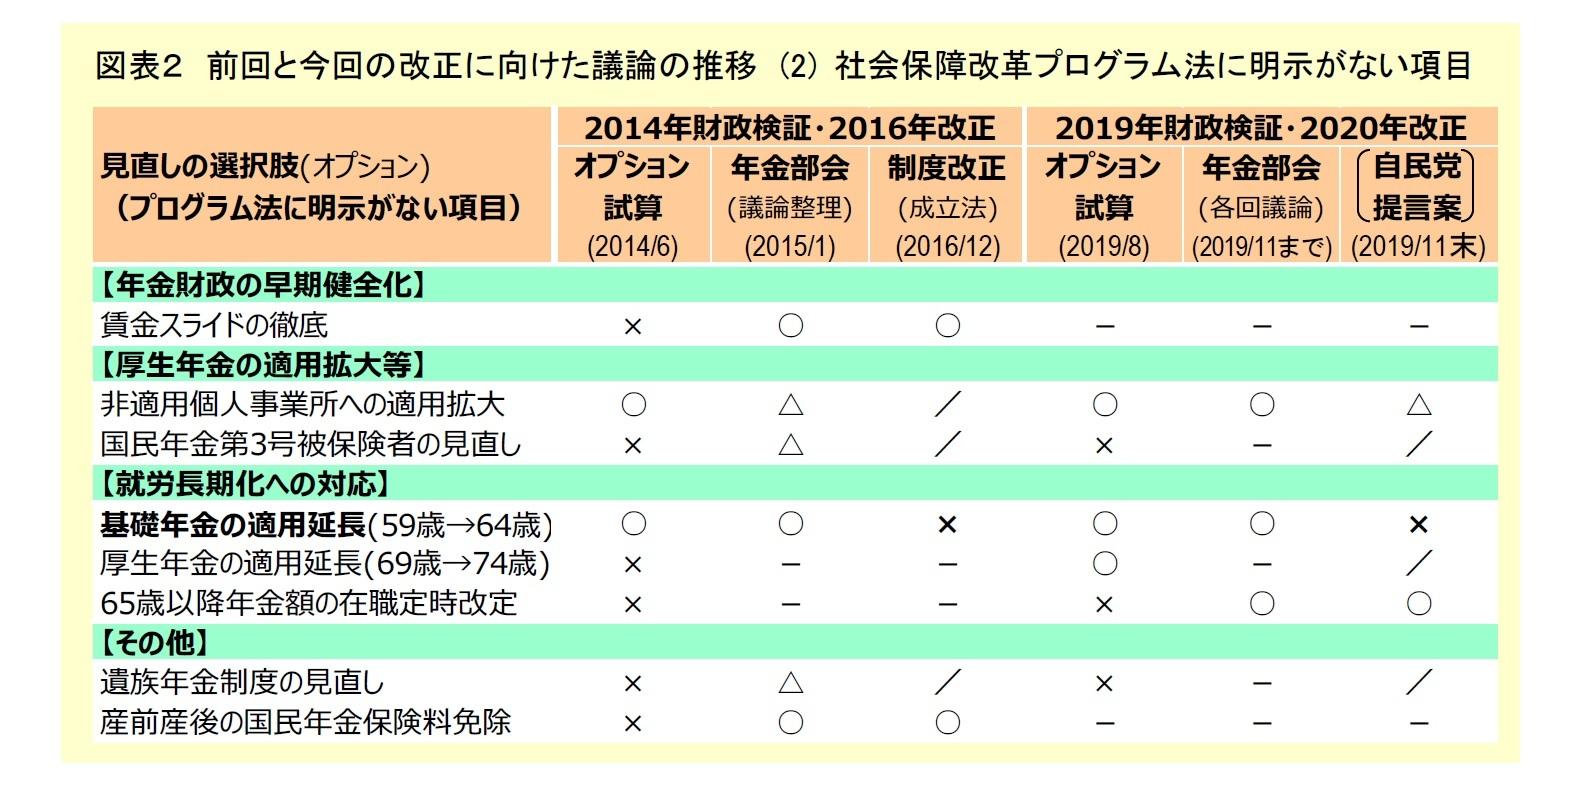 図表2:前回と今回の改正に向けた議論の推移